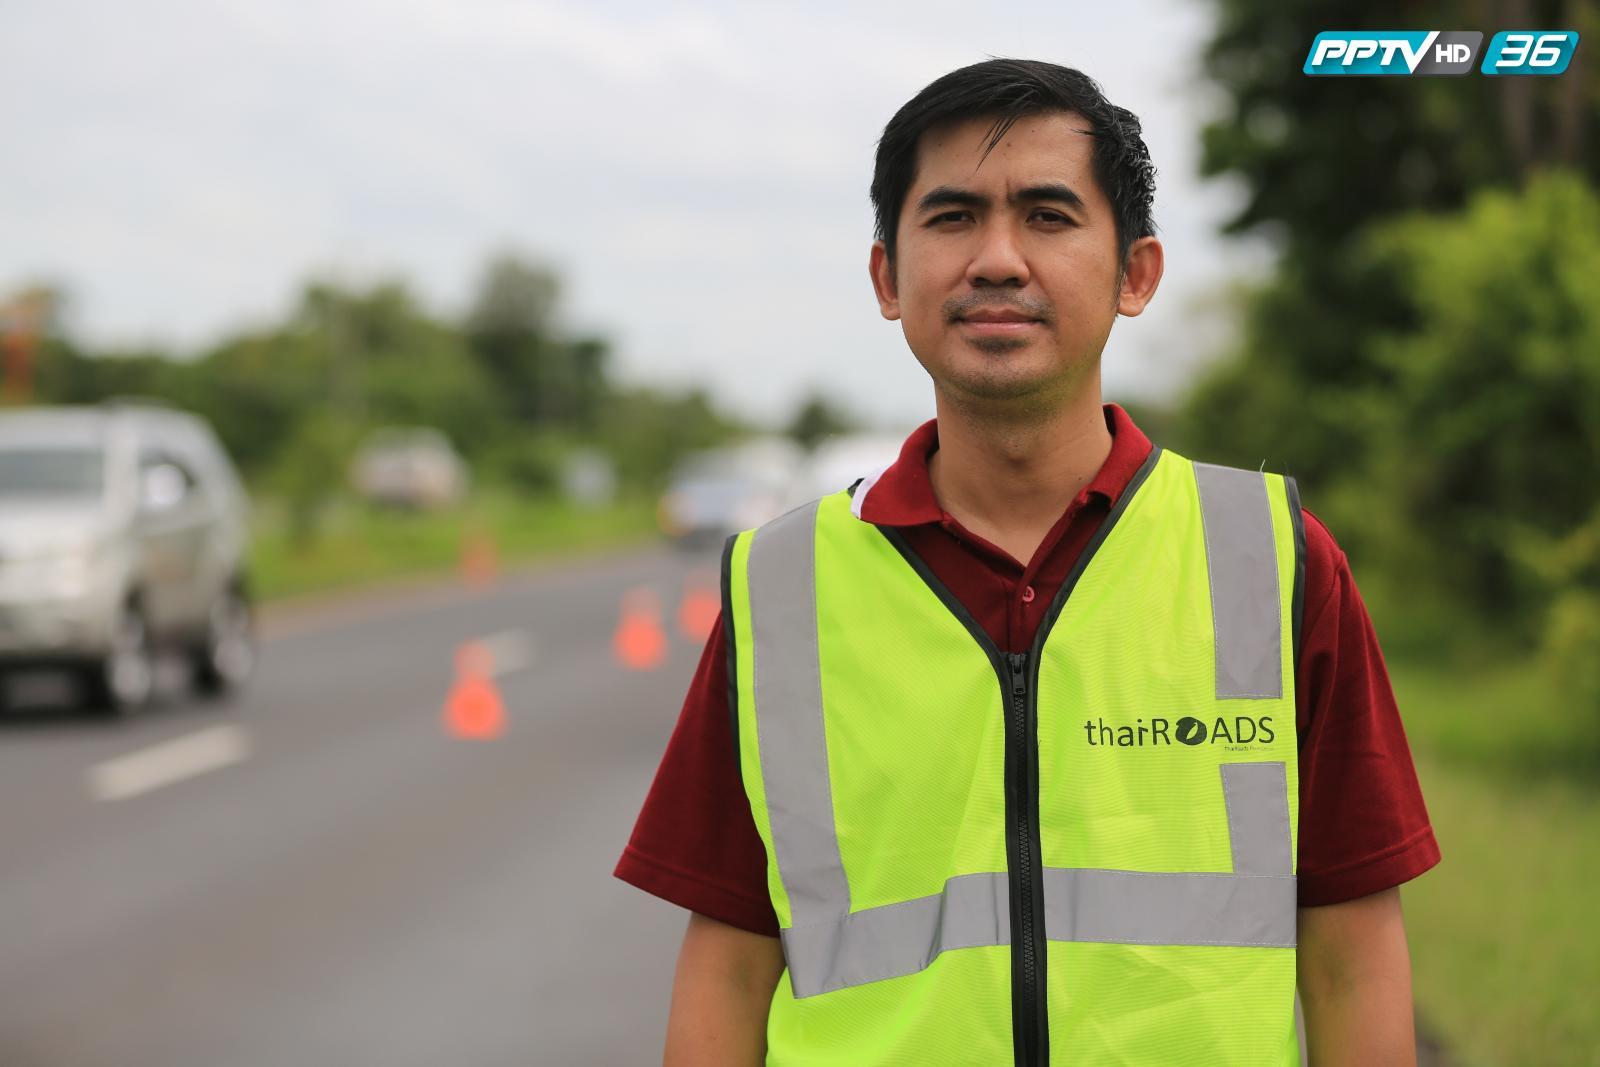 เผยทุก 24 นาทีมีคนตายบนถนนไทย ปี 57 อุบัติเหตุจักรยานแซงหน้ารถยนต์